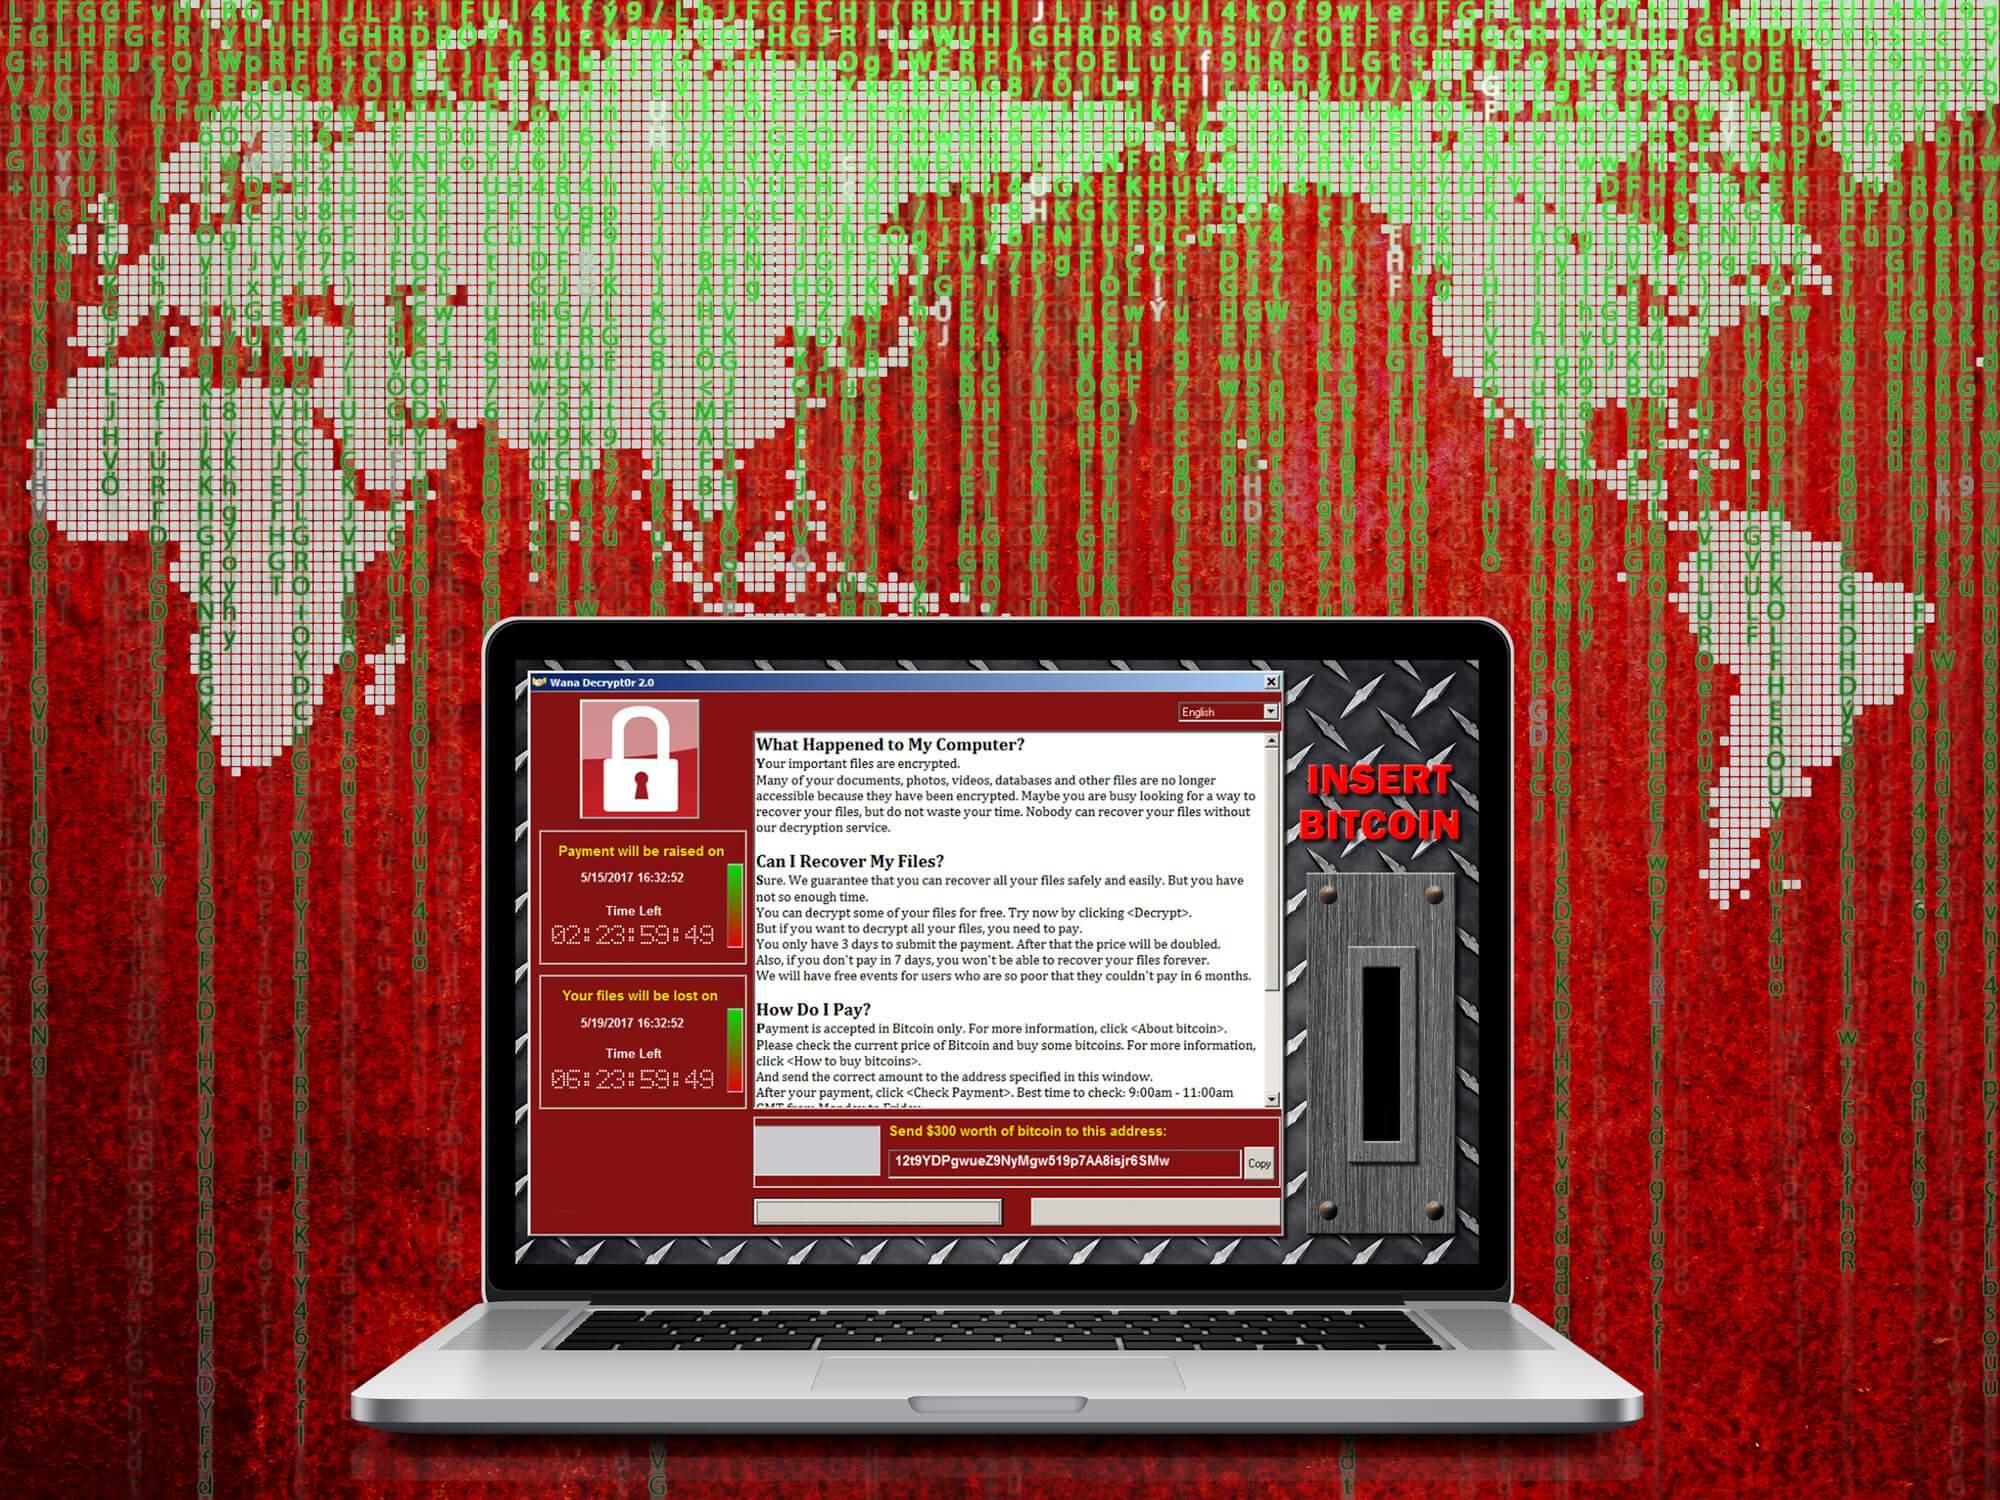 Que Es Ransomware Mayores Amenazas Internet